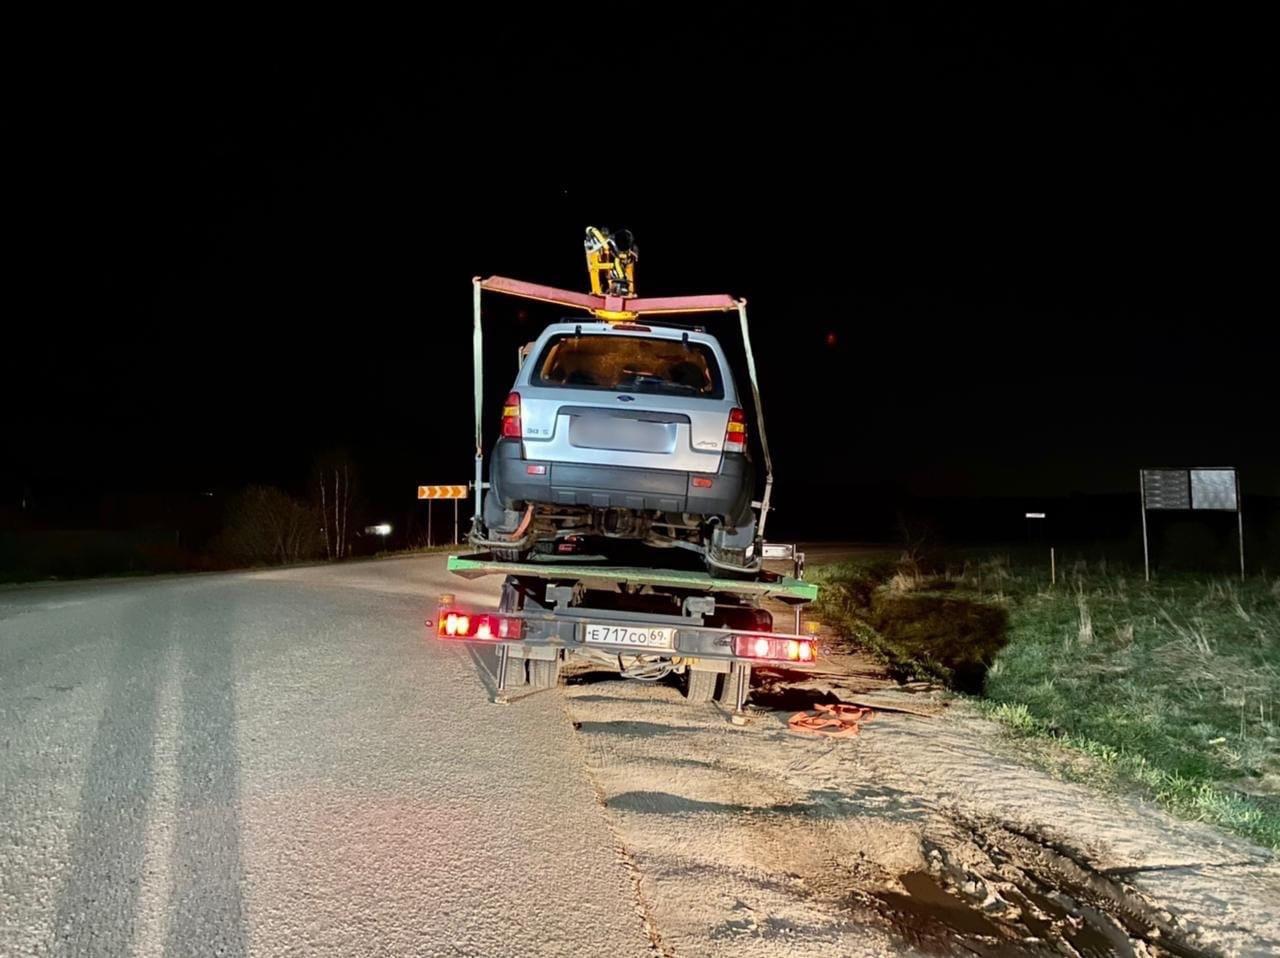 Жители пожаловались на пьяных неадекватных водителей под Тверью